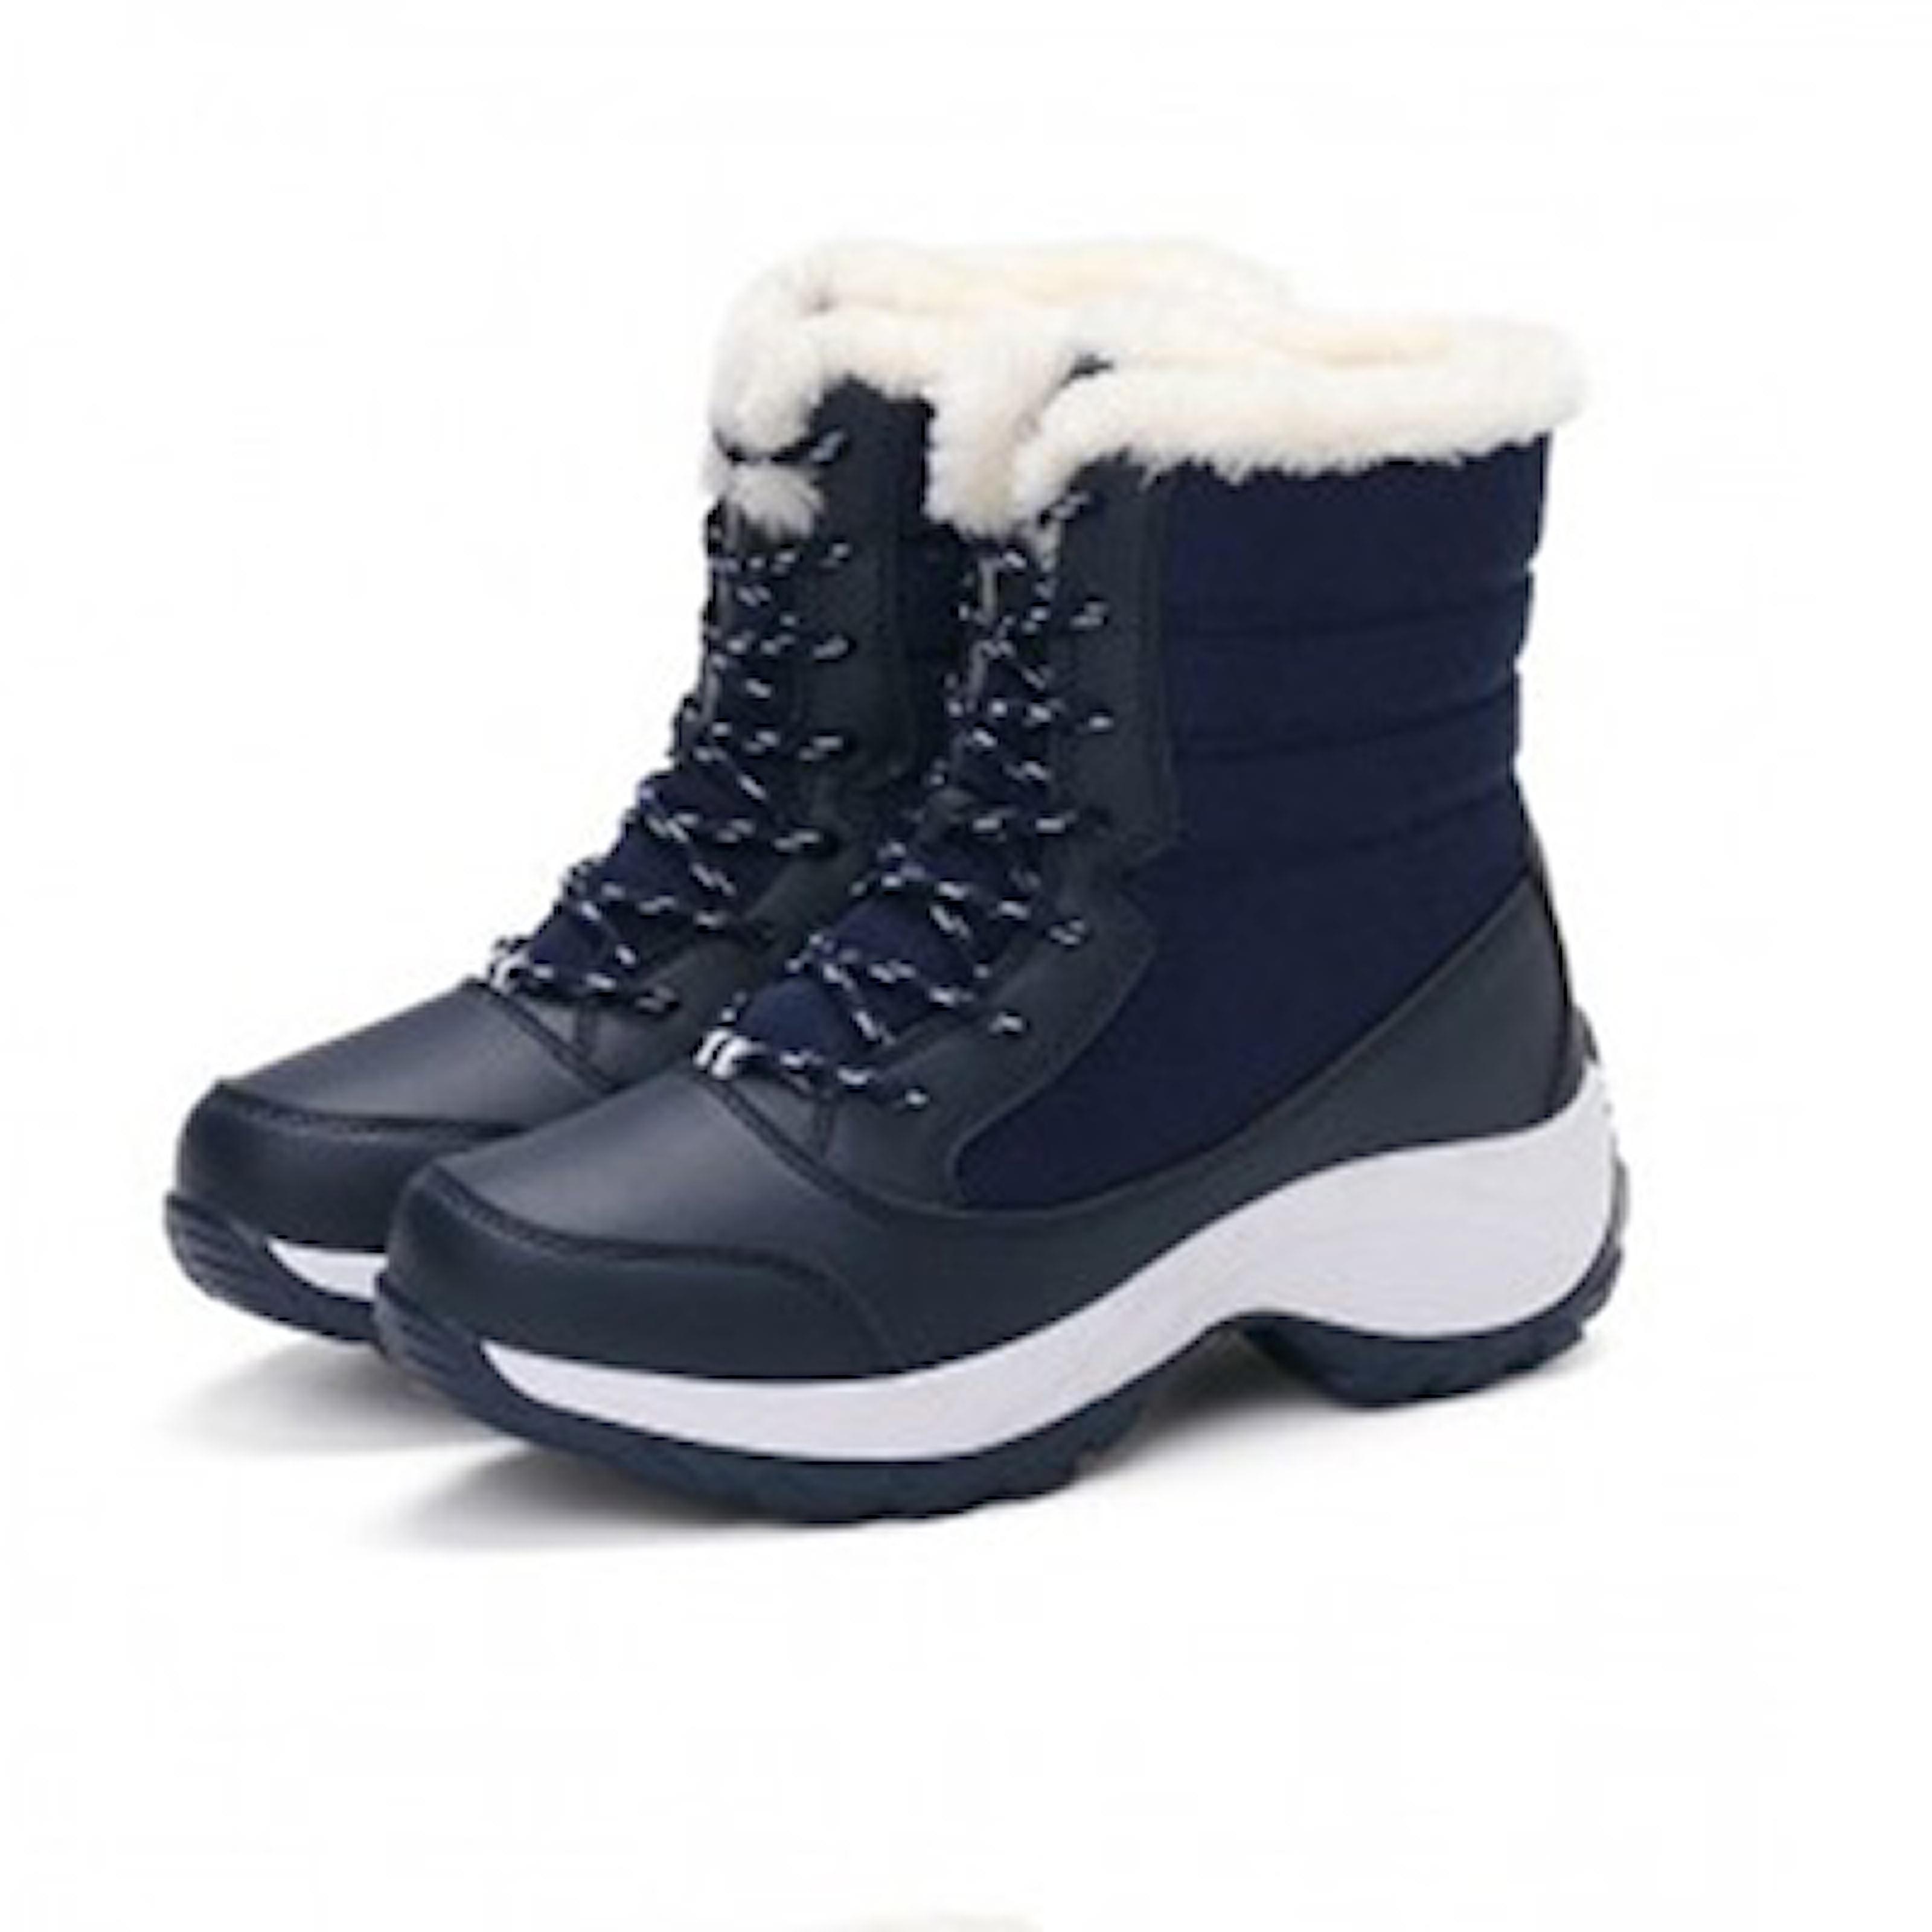 Mørkeblå, 35, Children Winter Boots, Varme vinterstøvler, ,